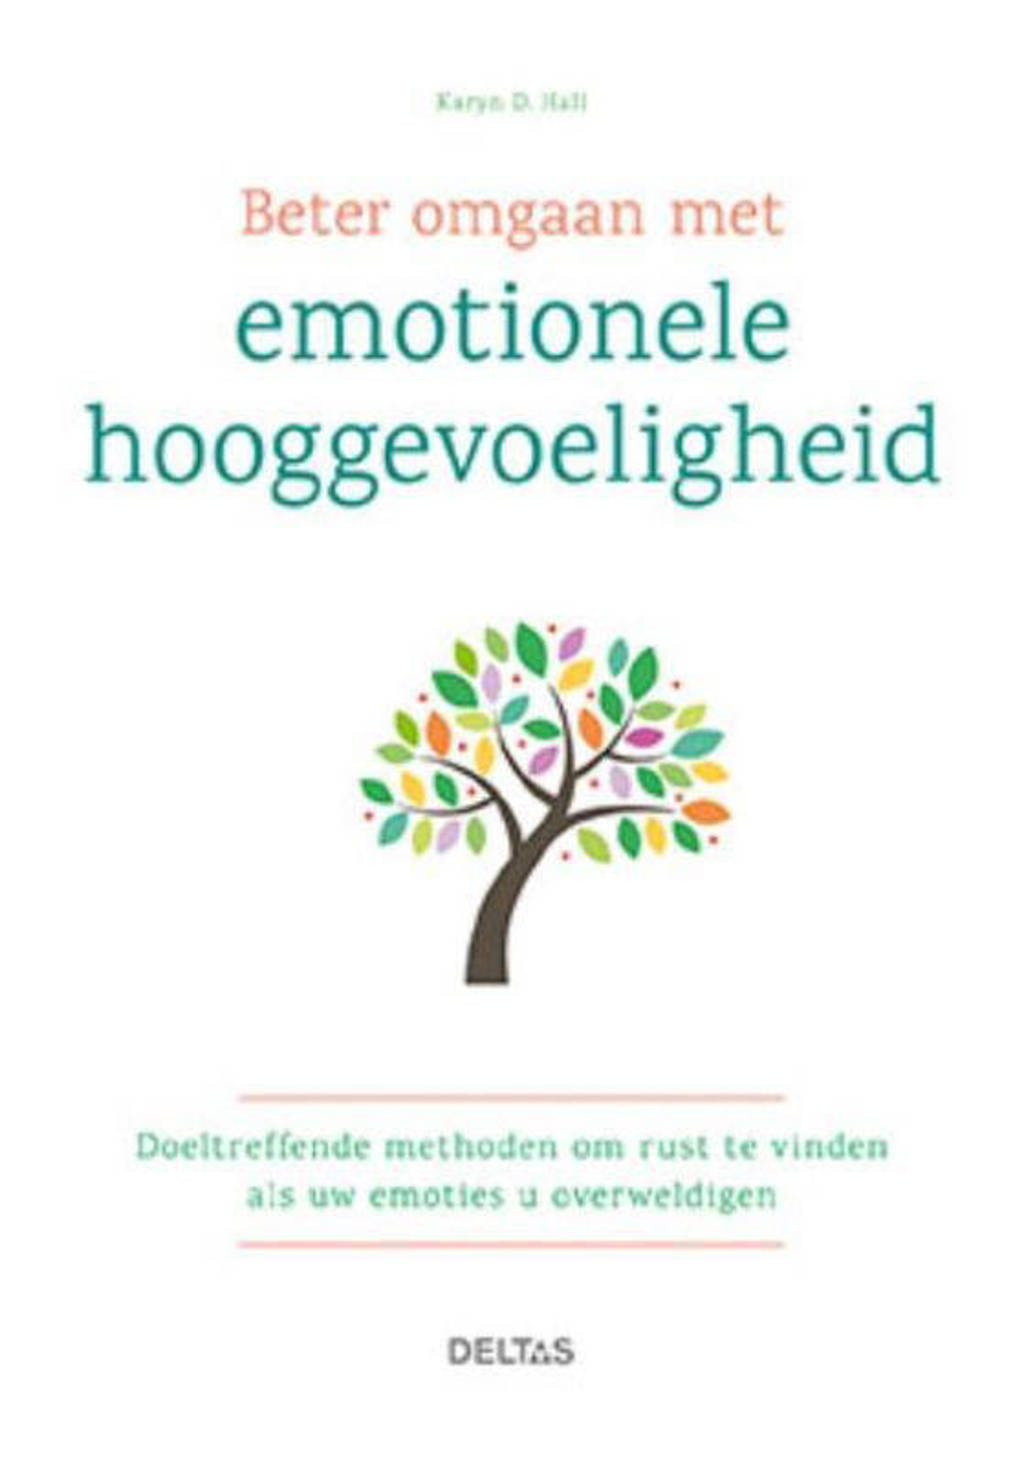 Beter omgaan met emotionele hooggevoeligheid - Karyn D. Hall